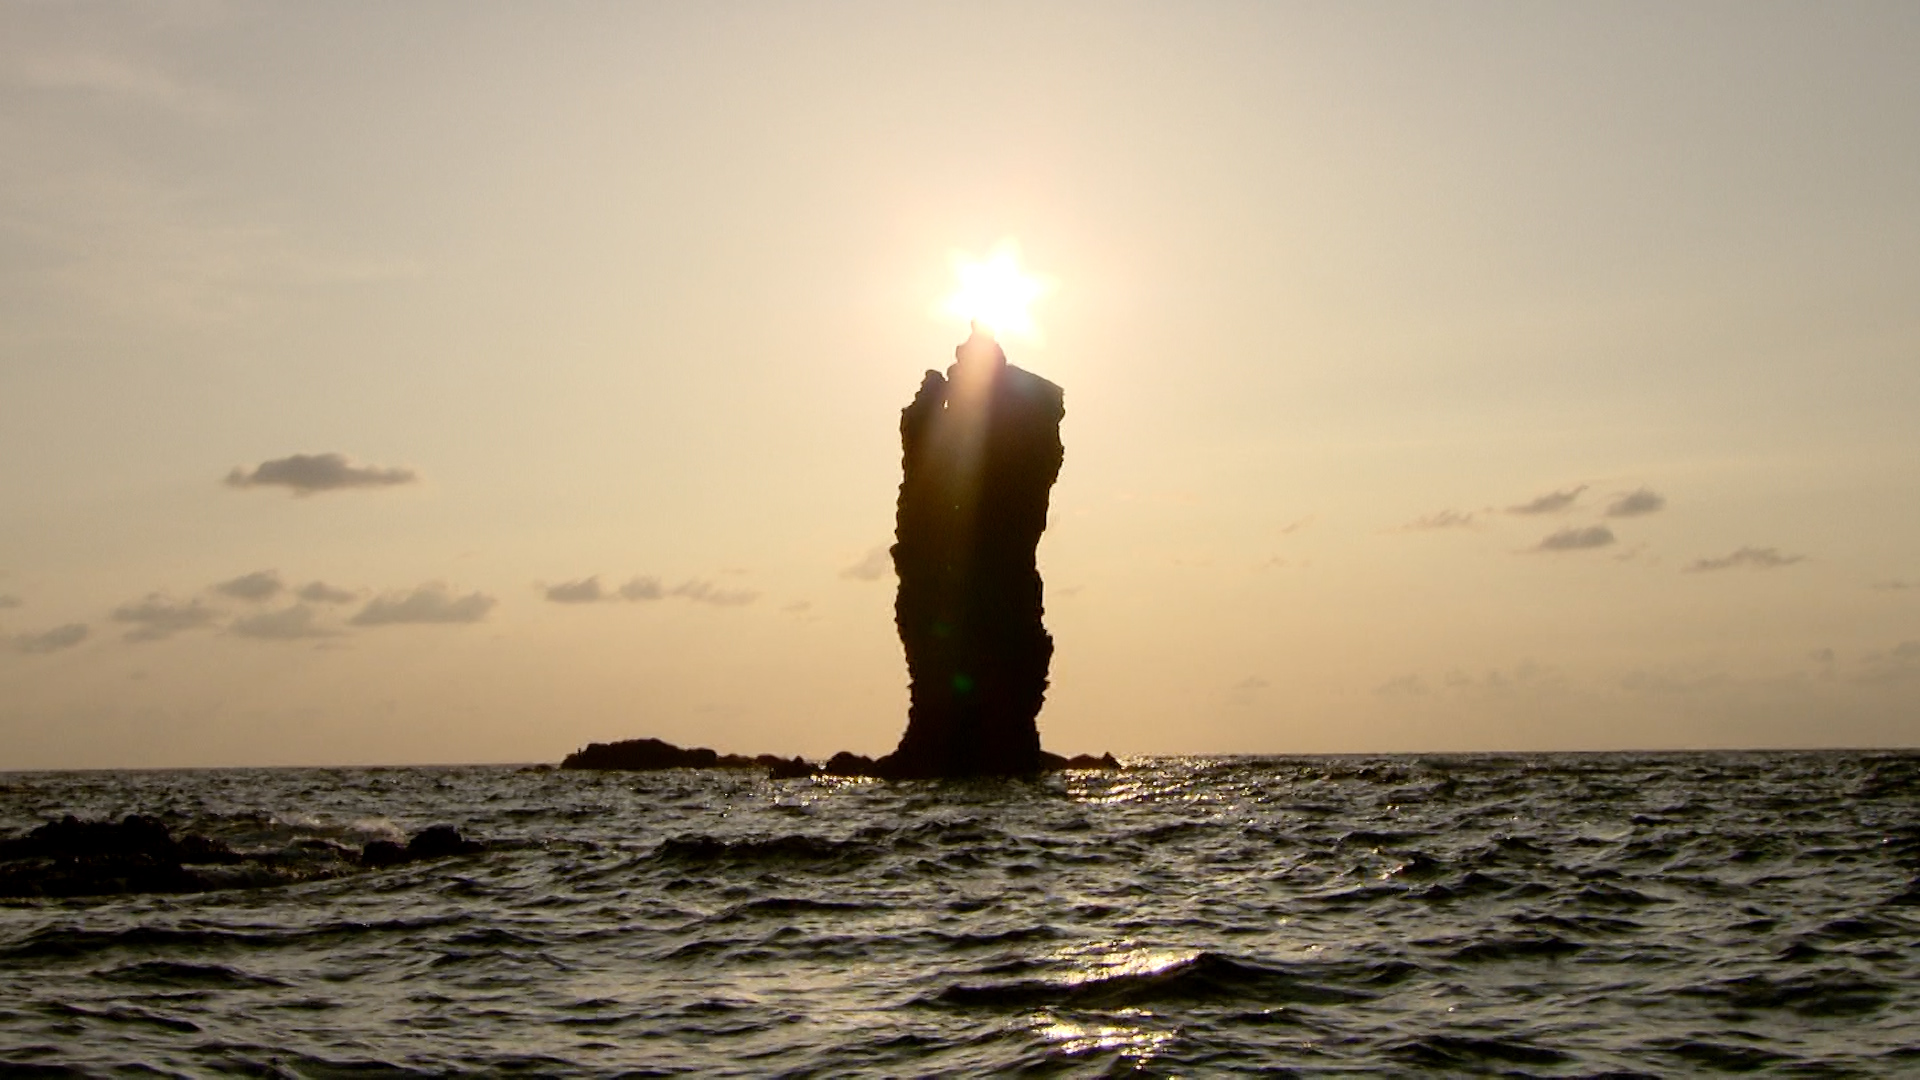 #016ローソク島遊覧船002